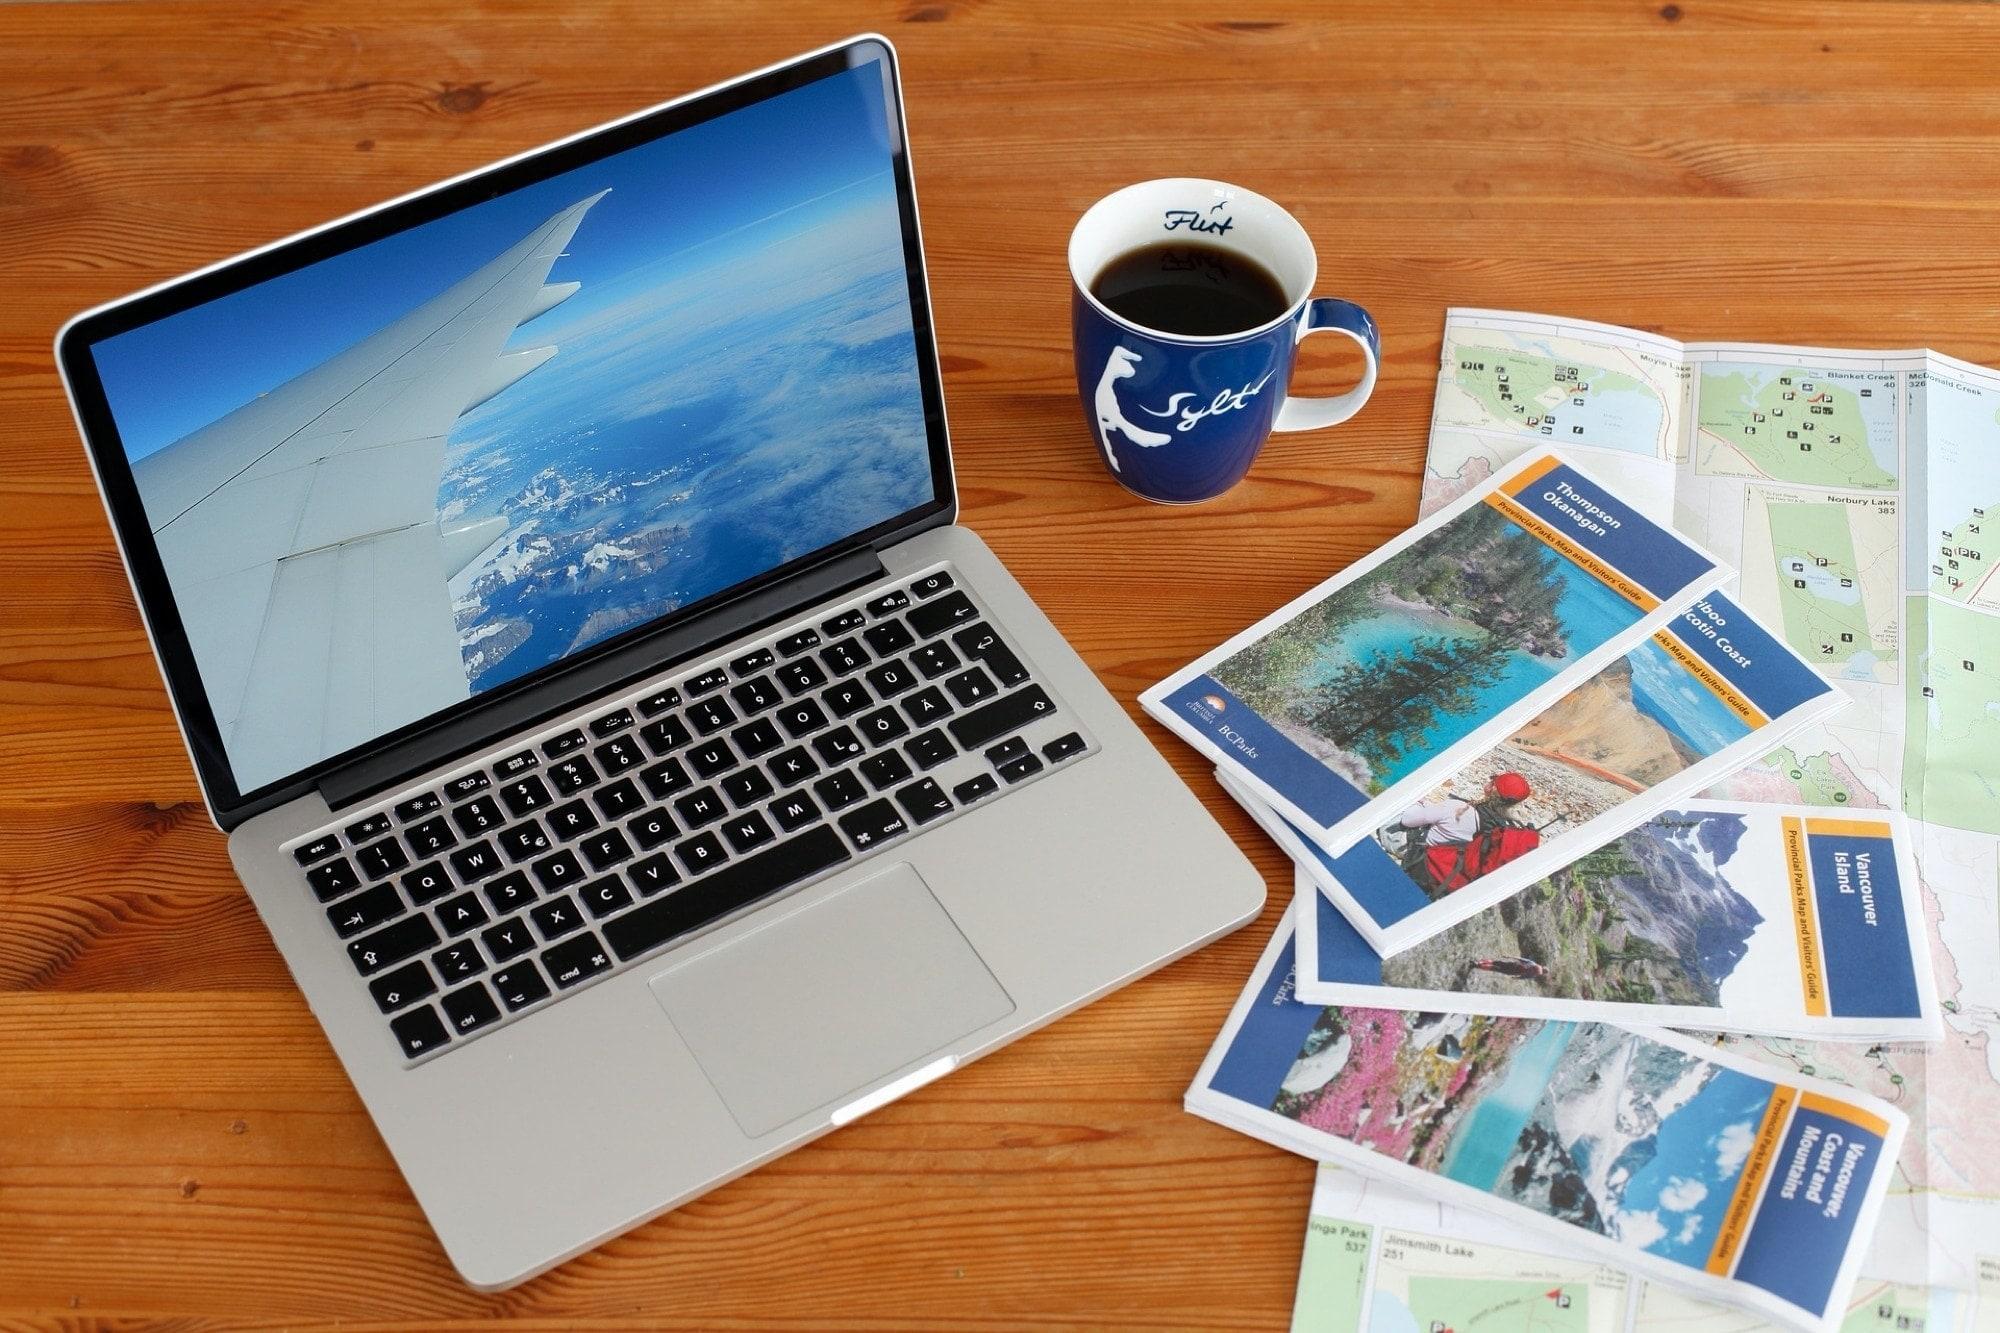 MacBook keyboard and maps